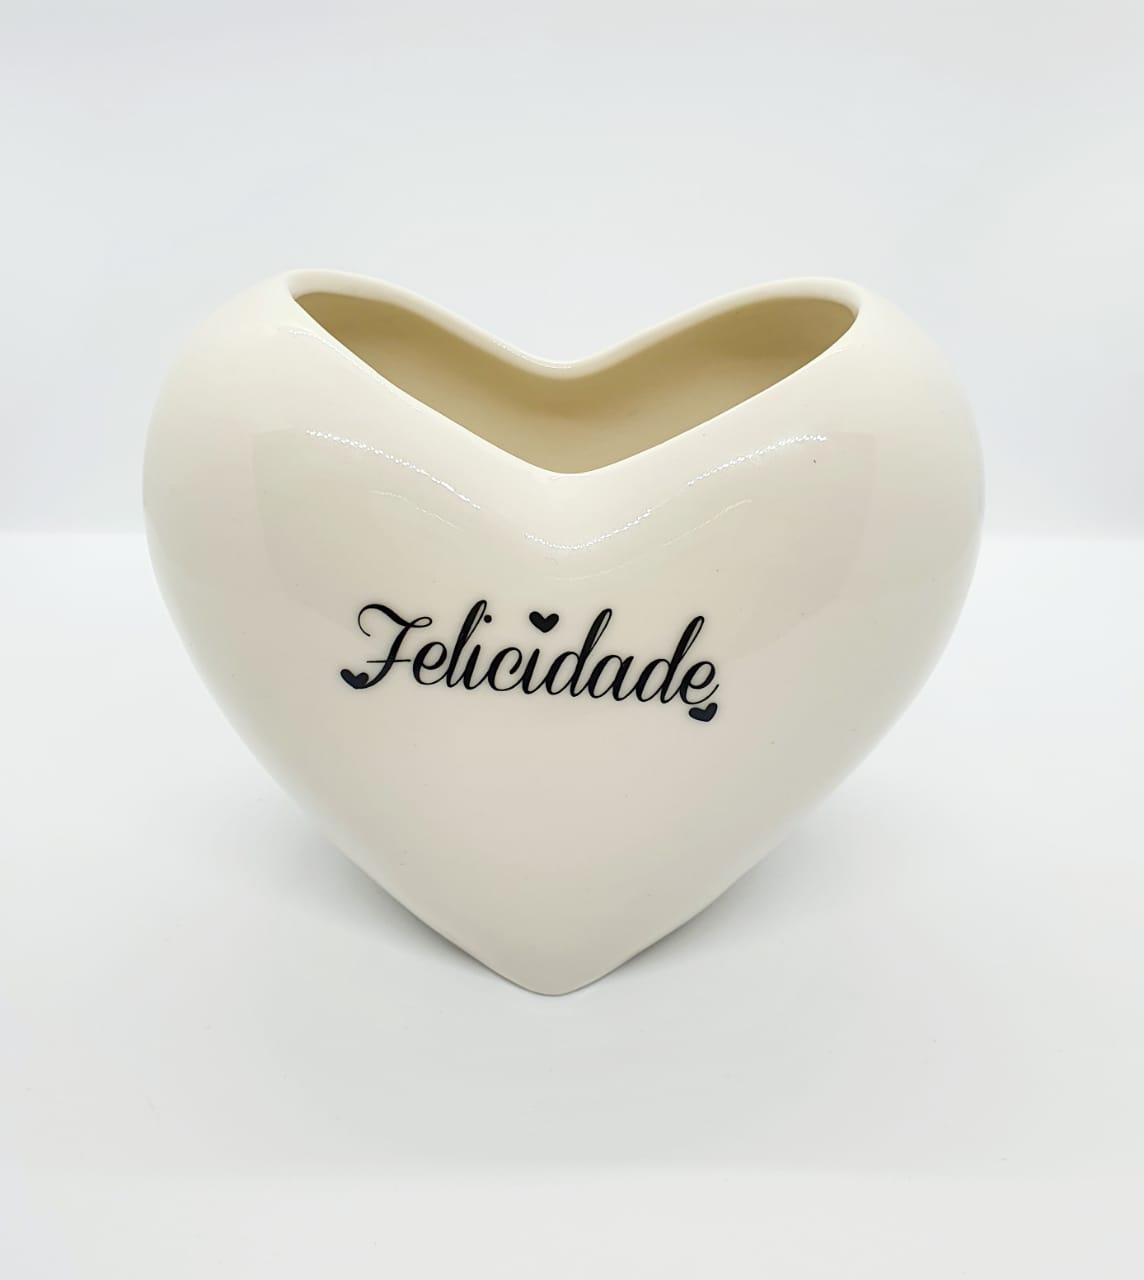 Vaso decorativo de resina formato de coração - Felicidade